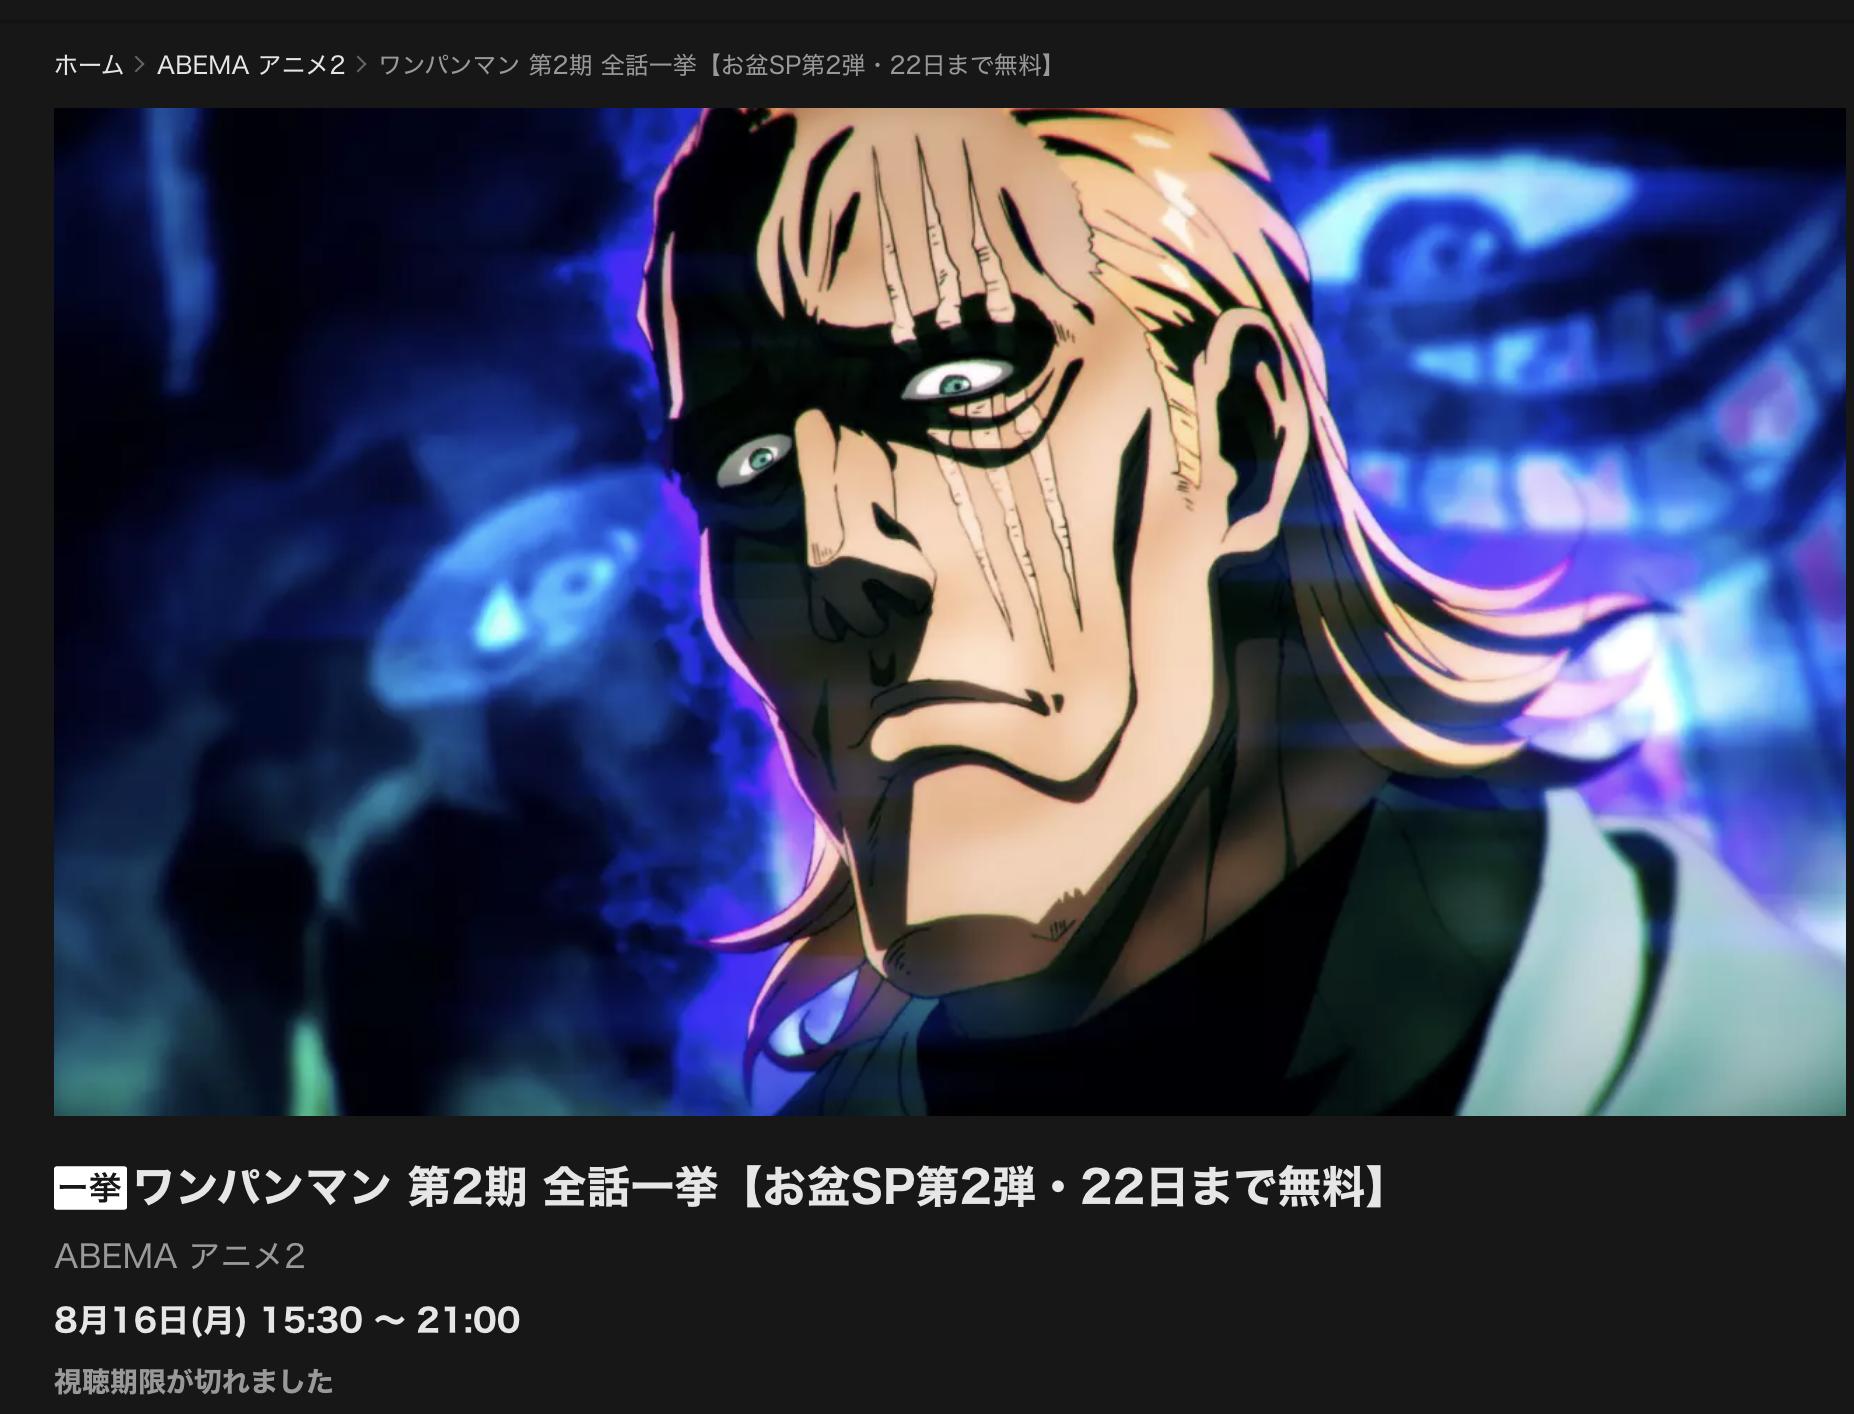 スクリーンショット 2021 08 26 20.36.08 - 【ワンパンマン】アニメ1期・2期の動画配信終了したのはなぜか?見れるVODサイトはあるか【アマプラ・U-NEXTなどでレンタル可能】